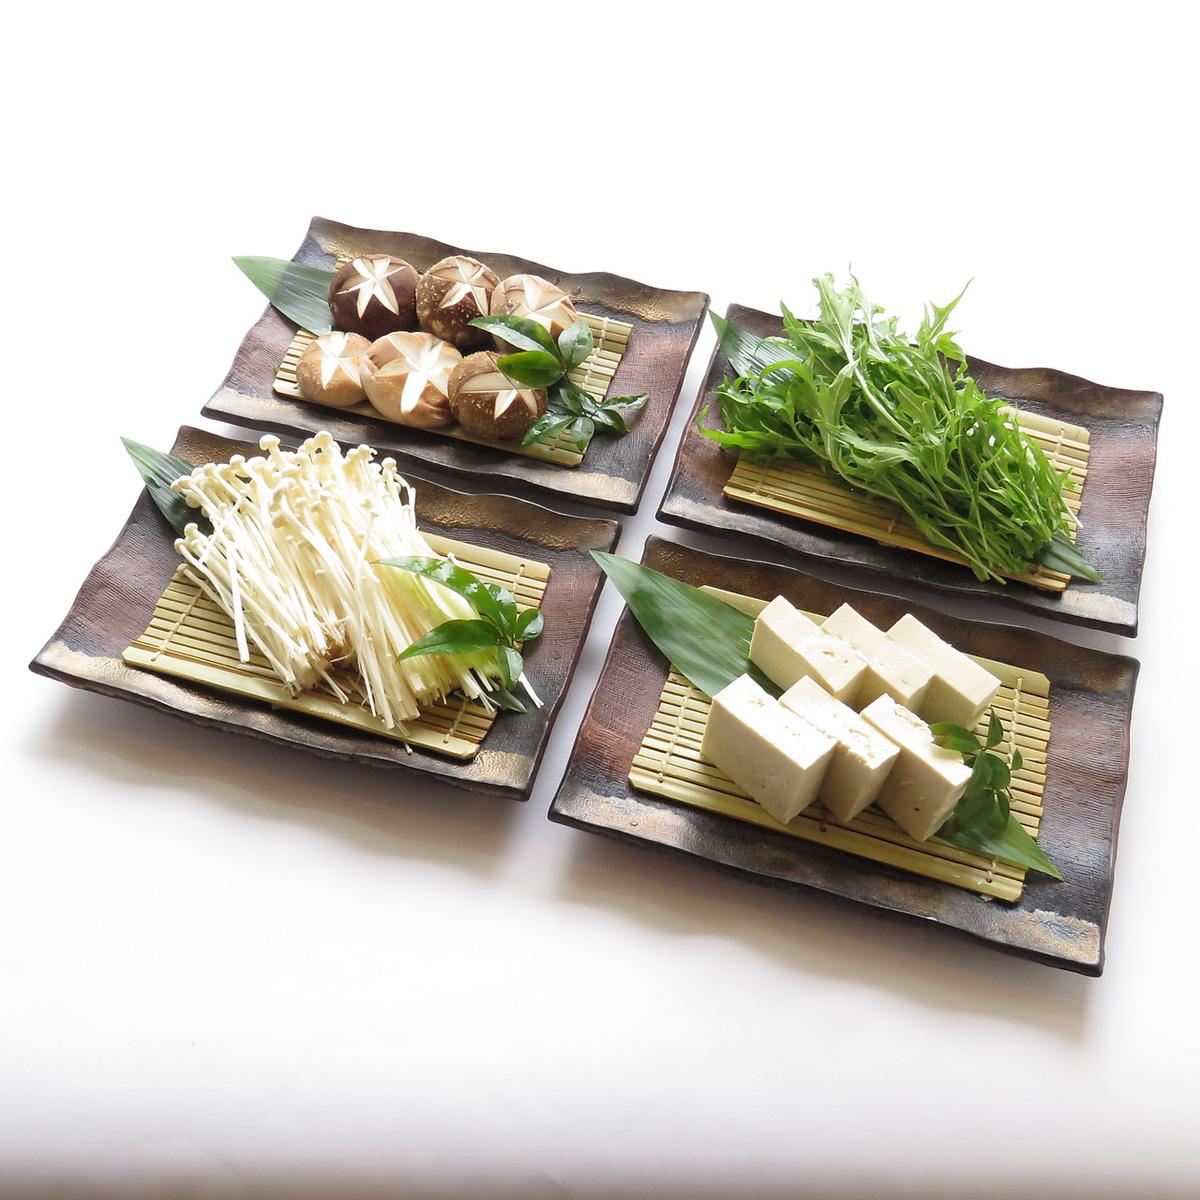 各种蔬菜分开